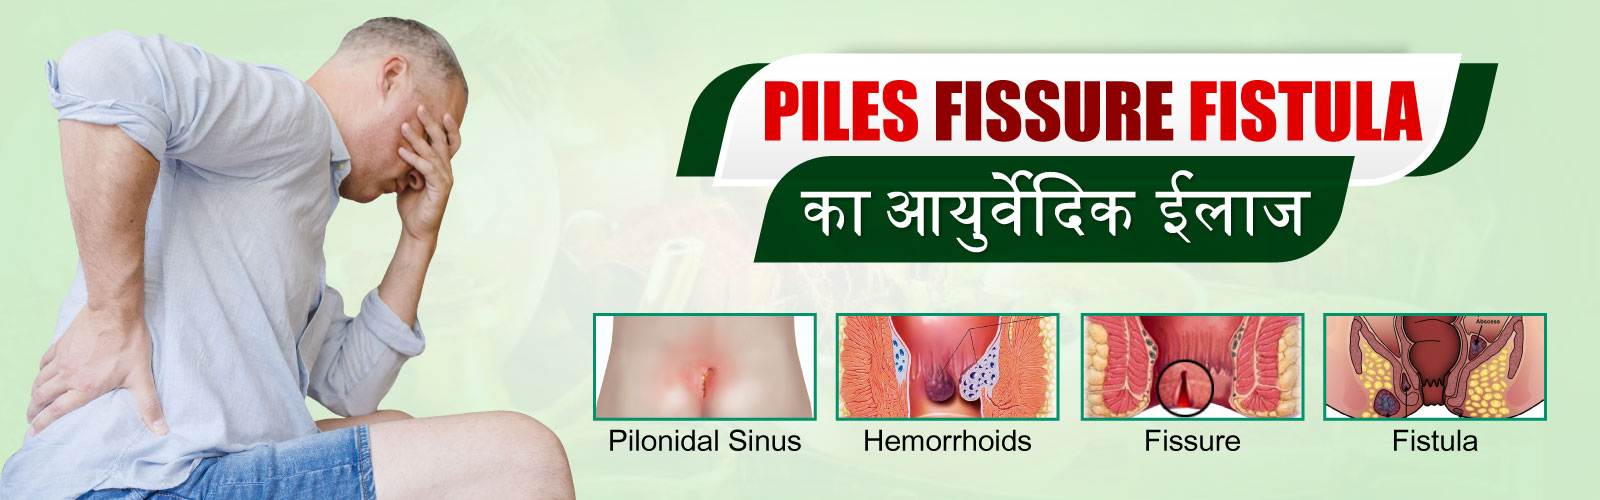 Piles-Diseases